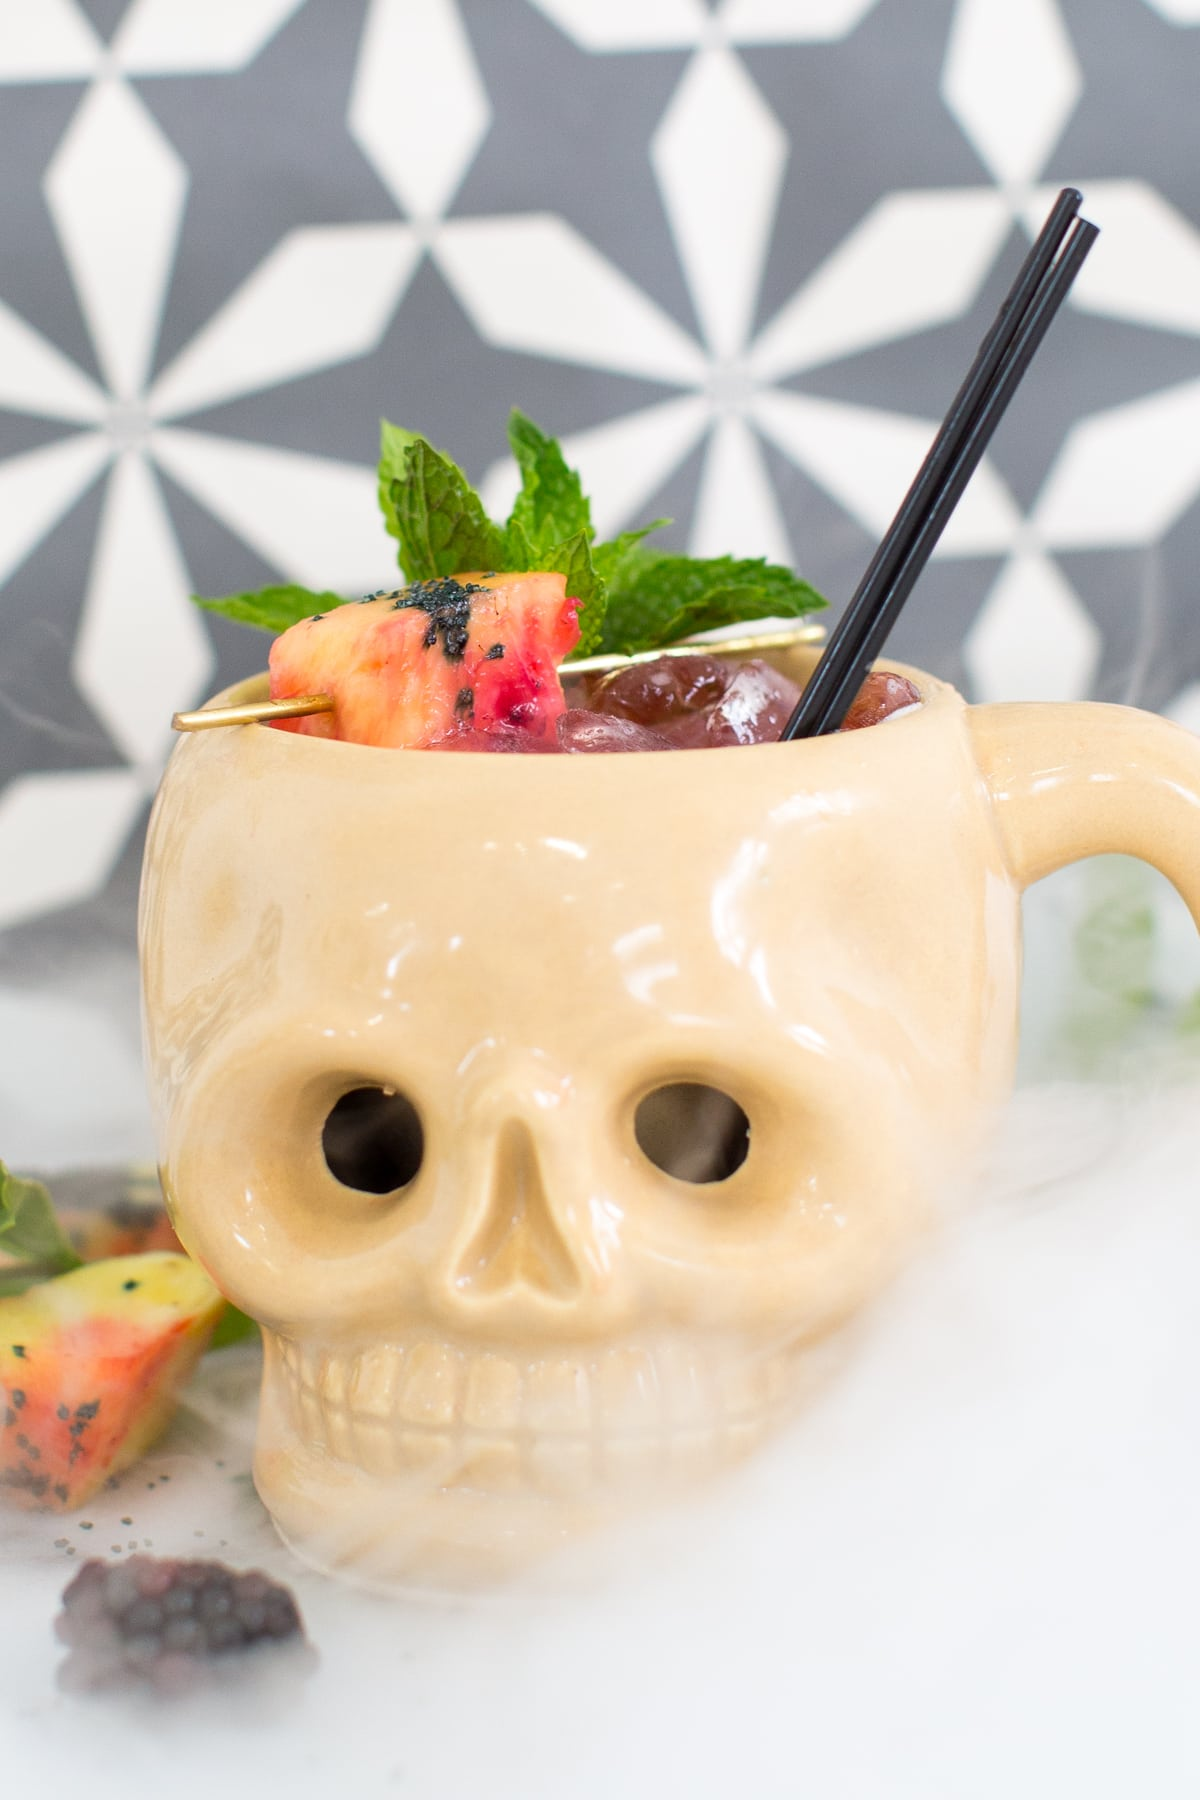 creepy-cocktails-shrunken-skull-2-1200p-4